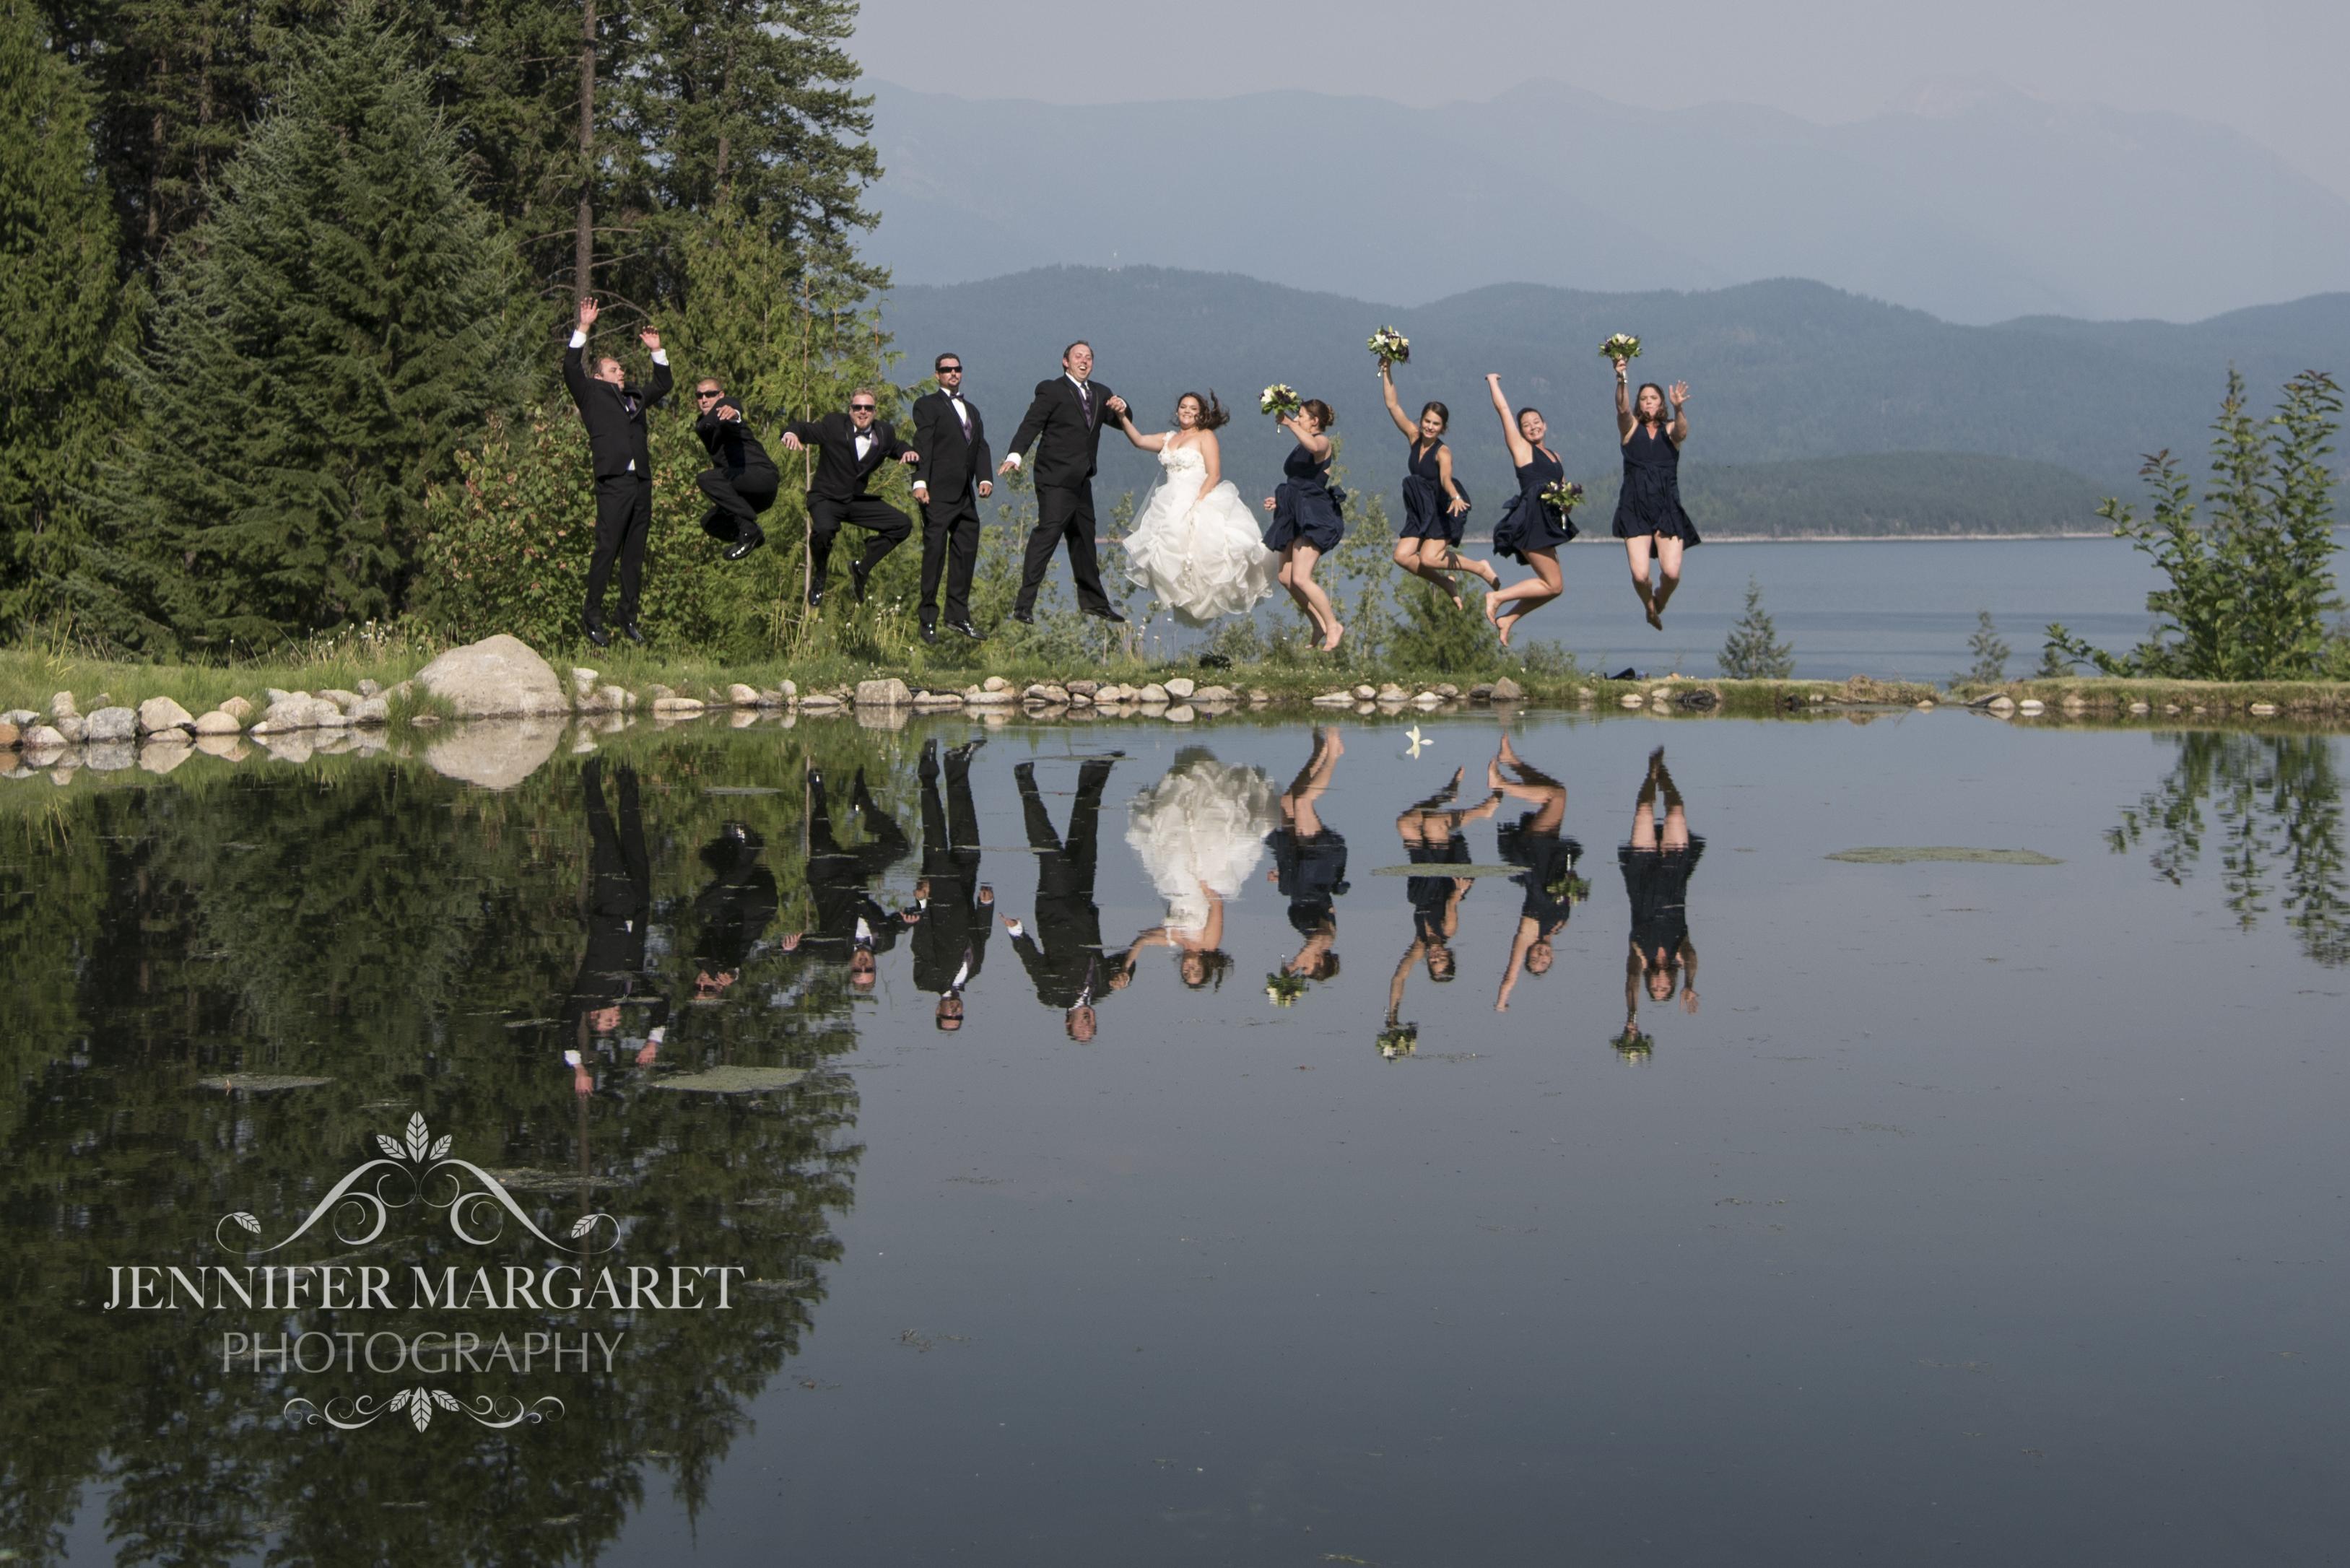 JENNIFER MARGARET PHOTOGRAPHY